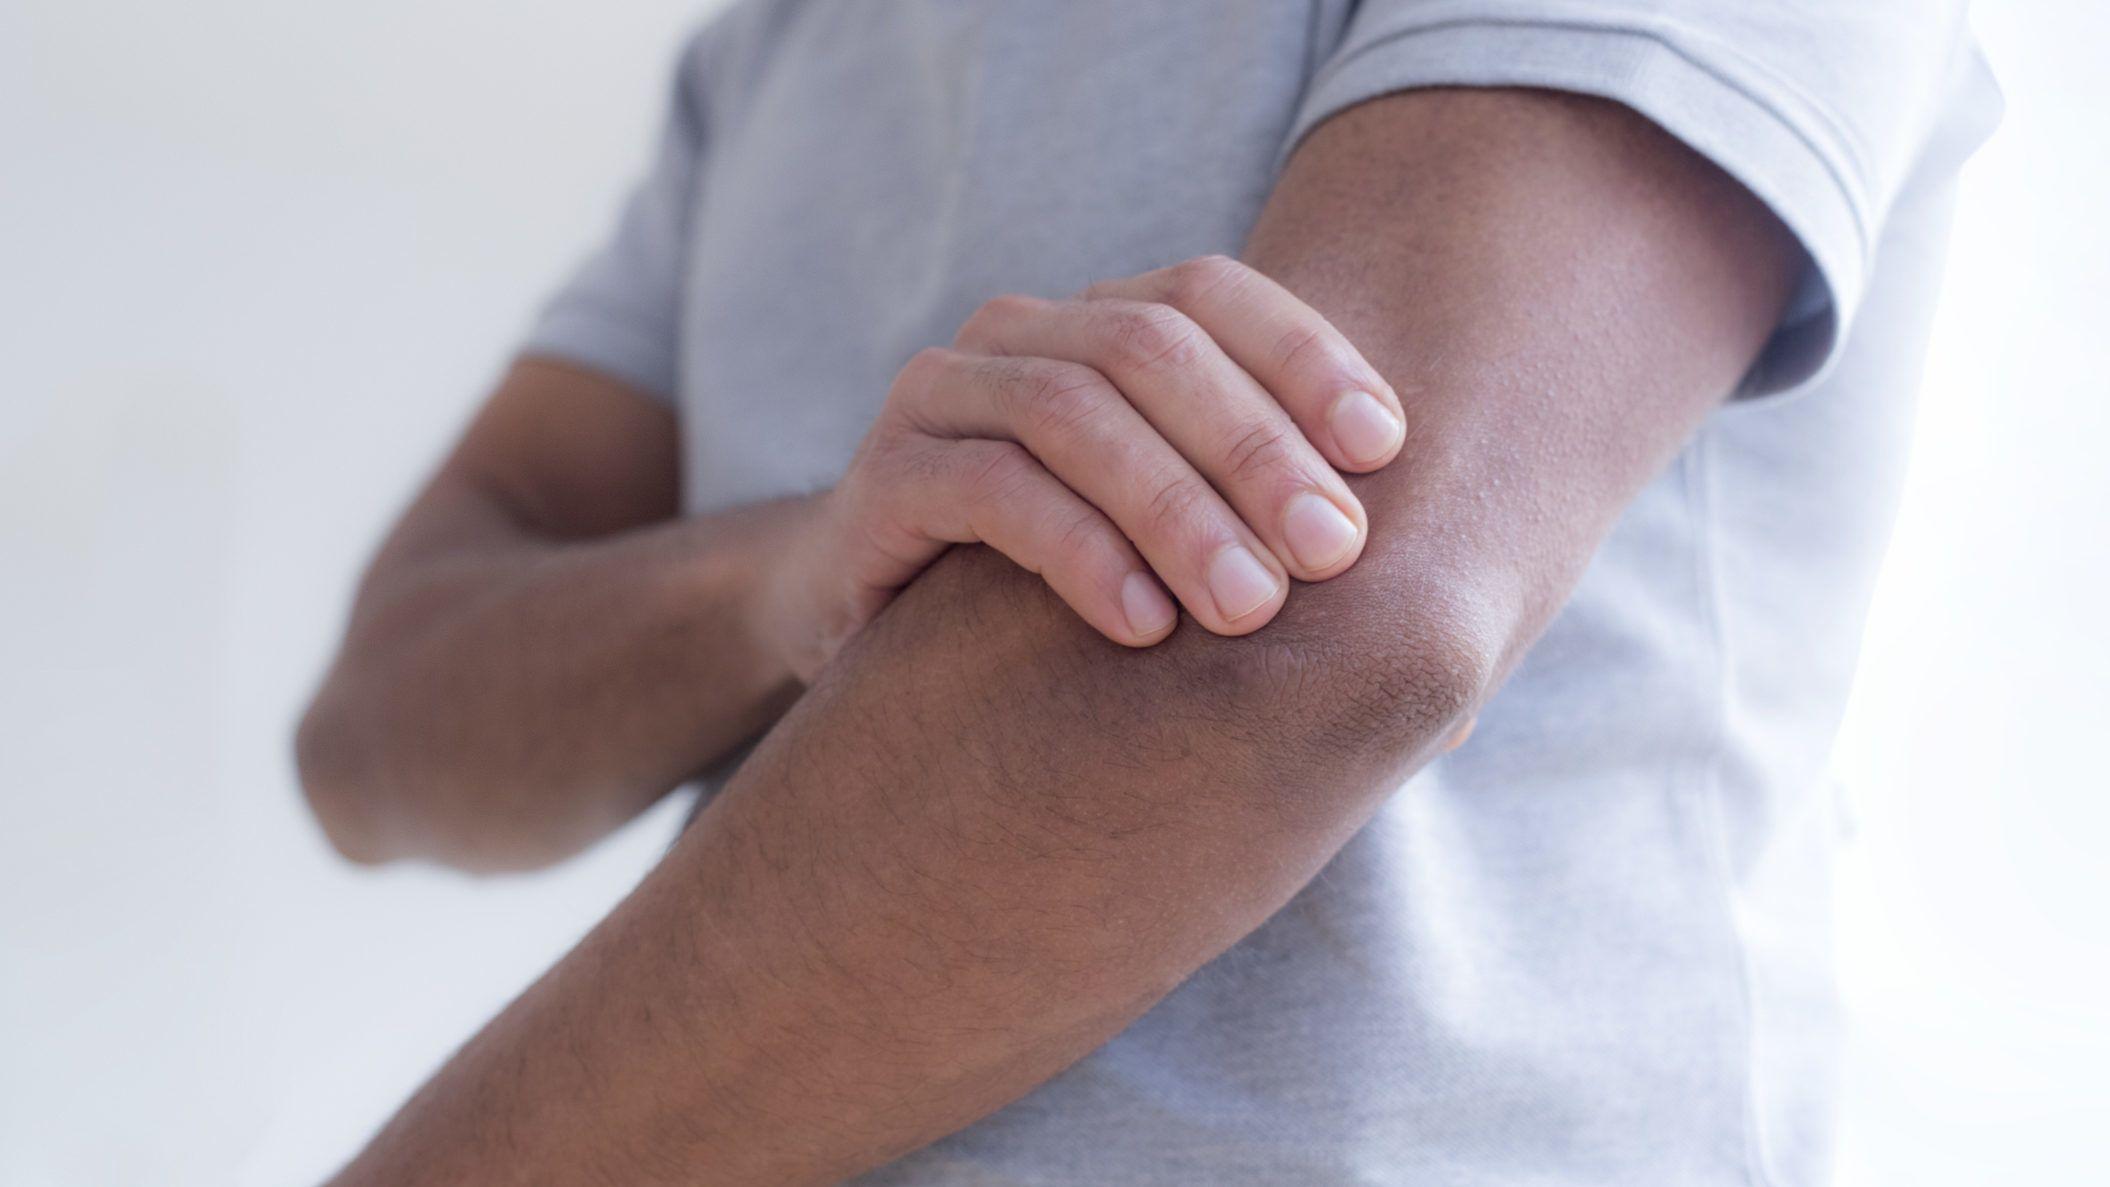 Módszer otthon pénisznövelő kézzel